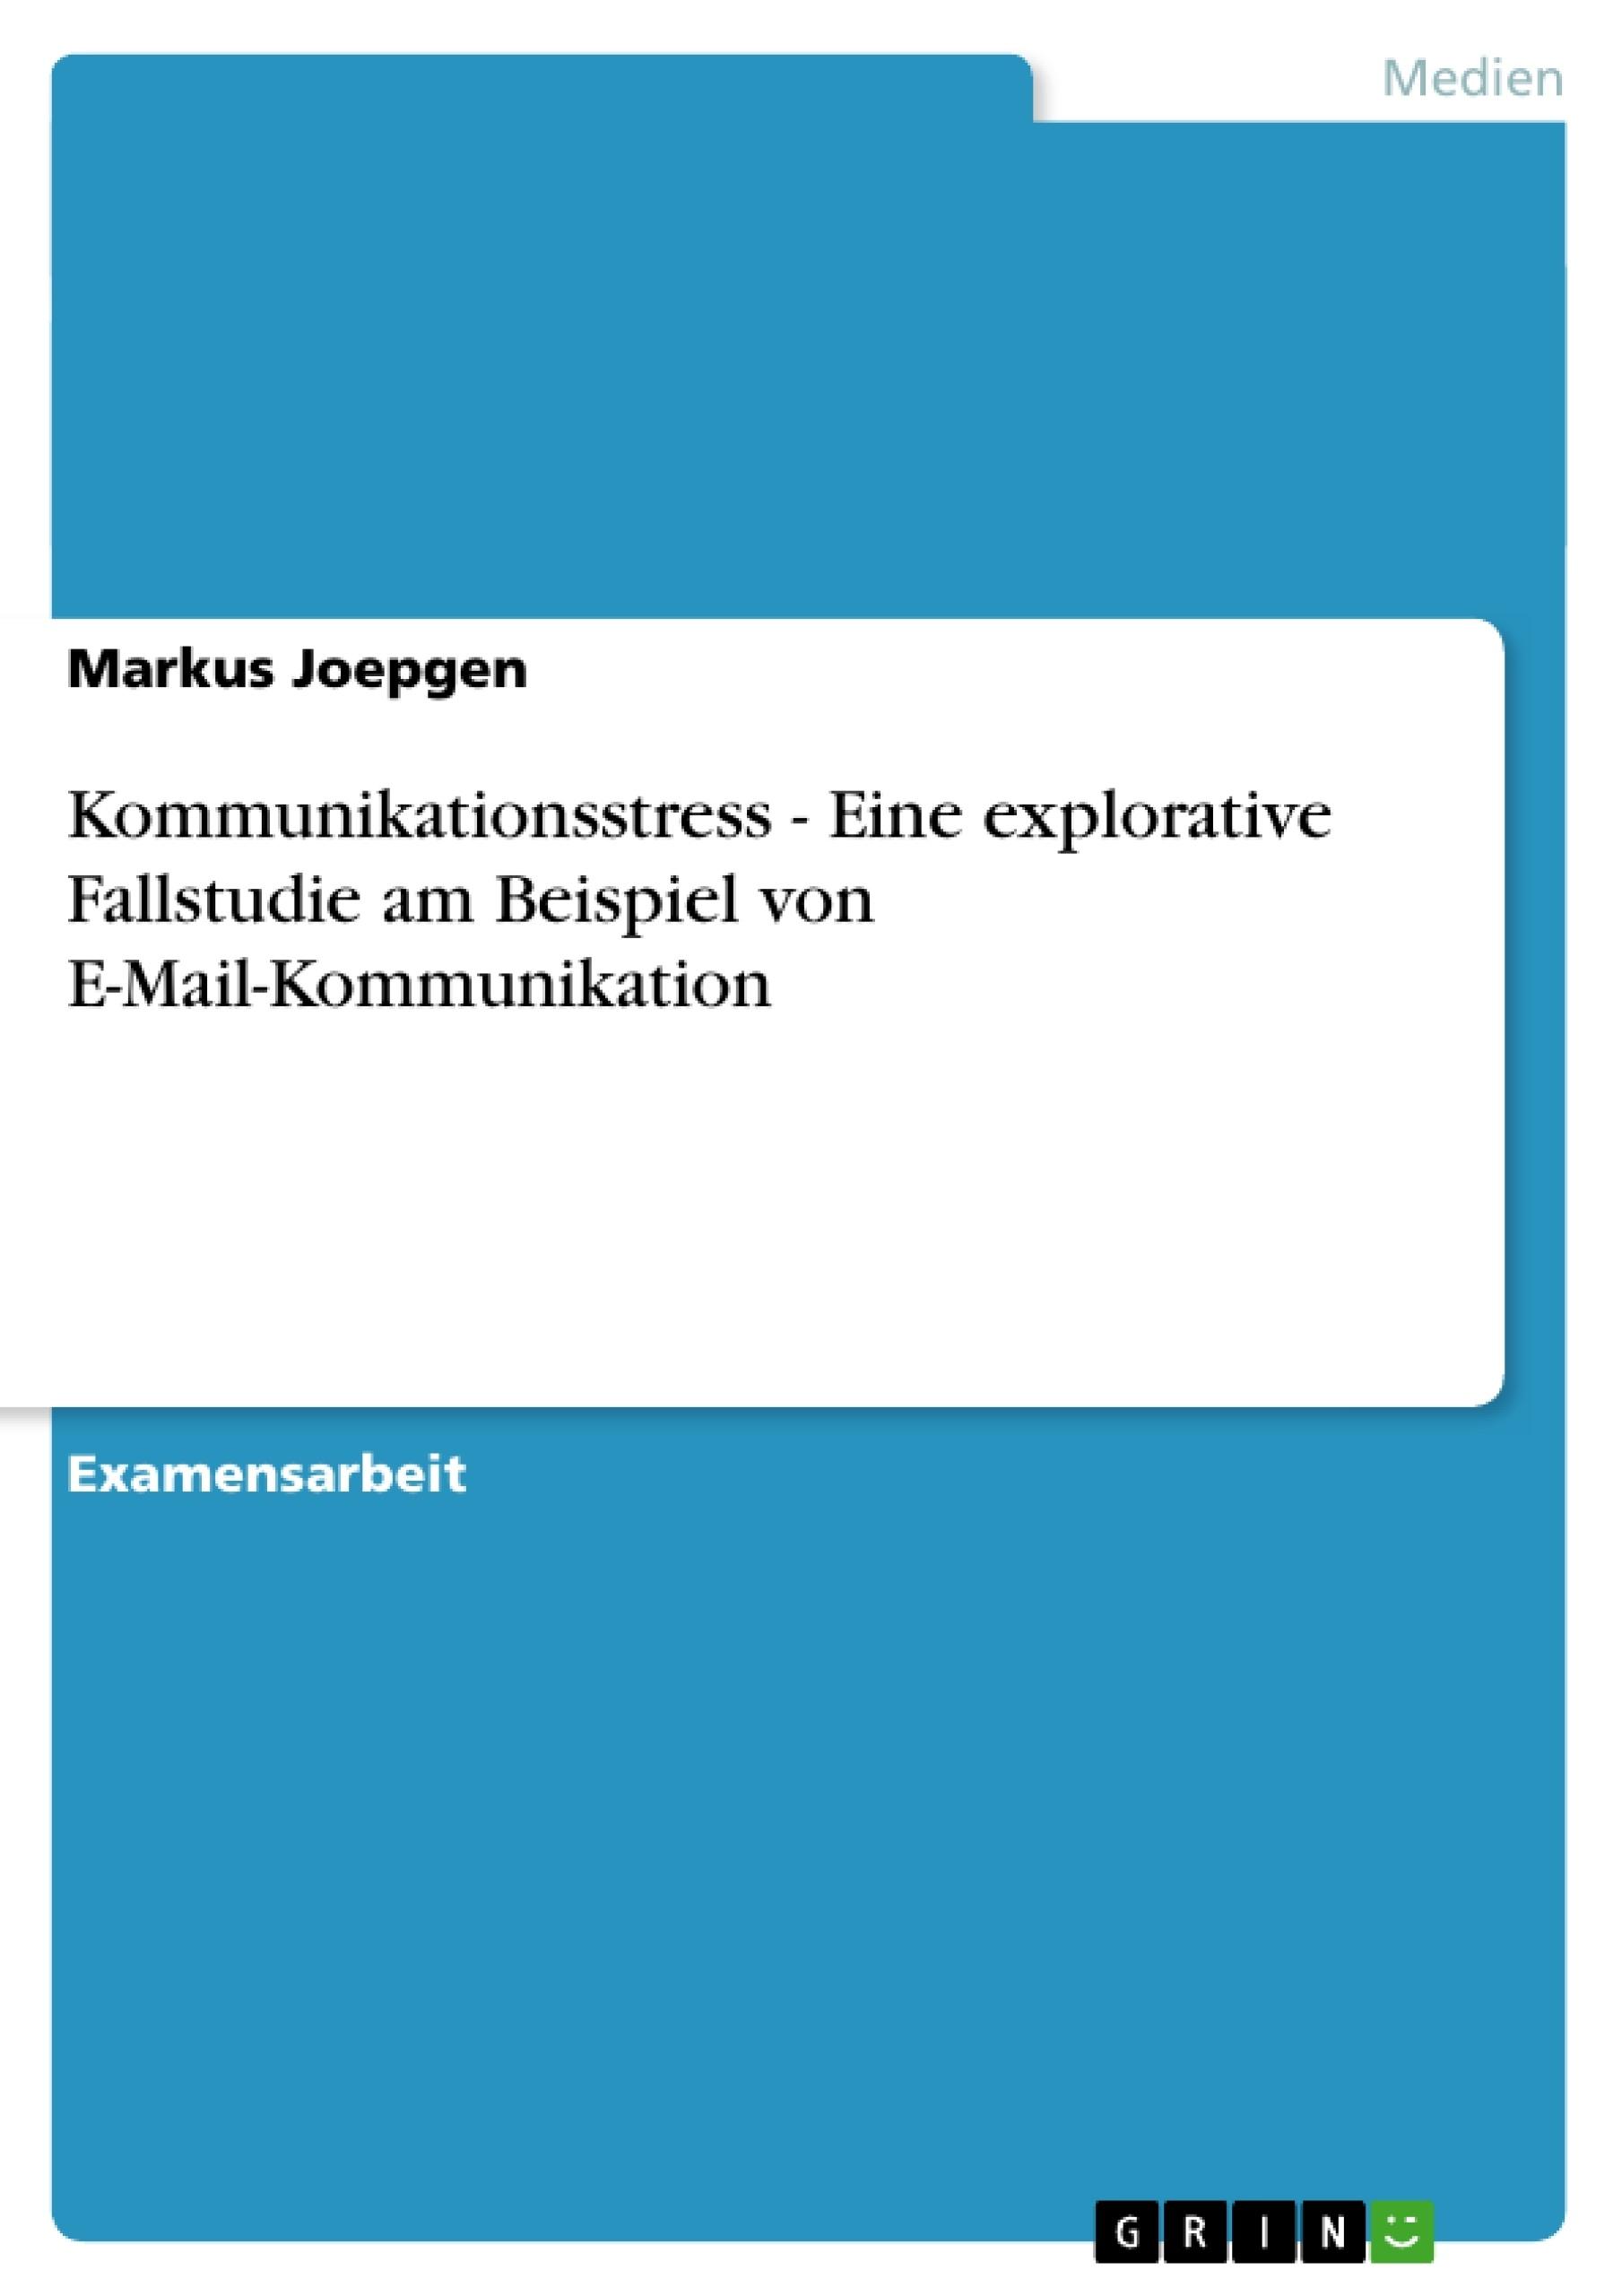 Titel: Kommunikationsstress - Eine explorative Fallstudie am Beispiel von E-Mail-Kommunikation